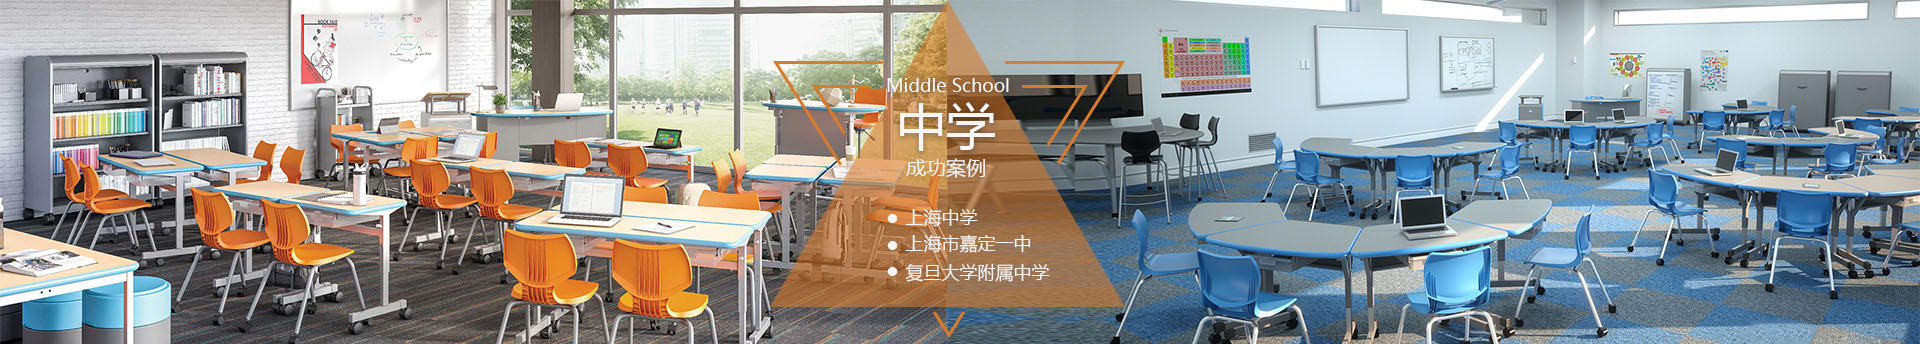 嘉定一中中学学校家具成功案例-SEEWIN诗敏学校家具国际学校家具-学生课桌椅-宿舍公寓床-未来教室家具-上海诗敏校园家具厂家